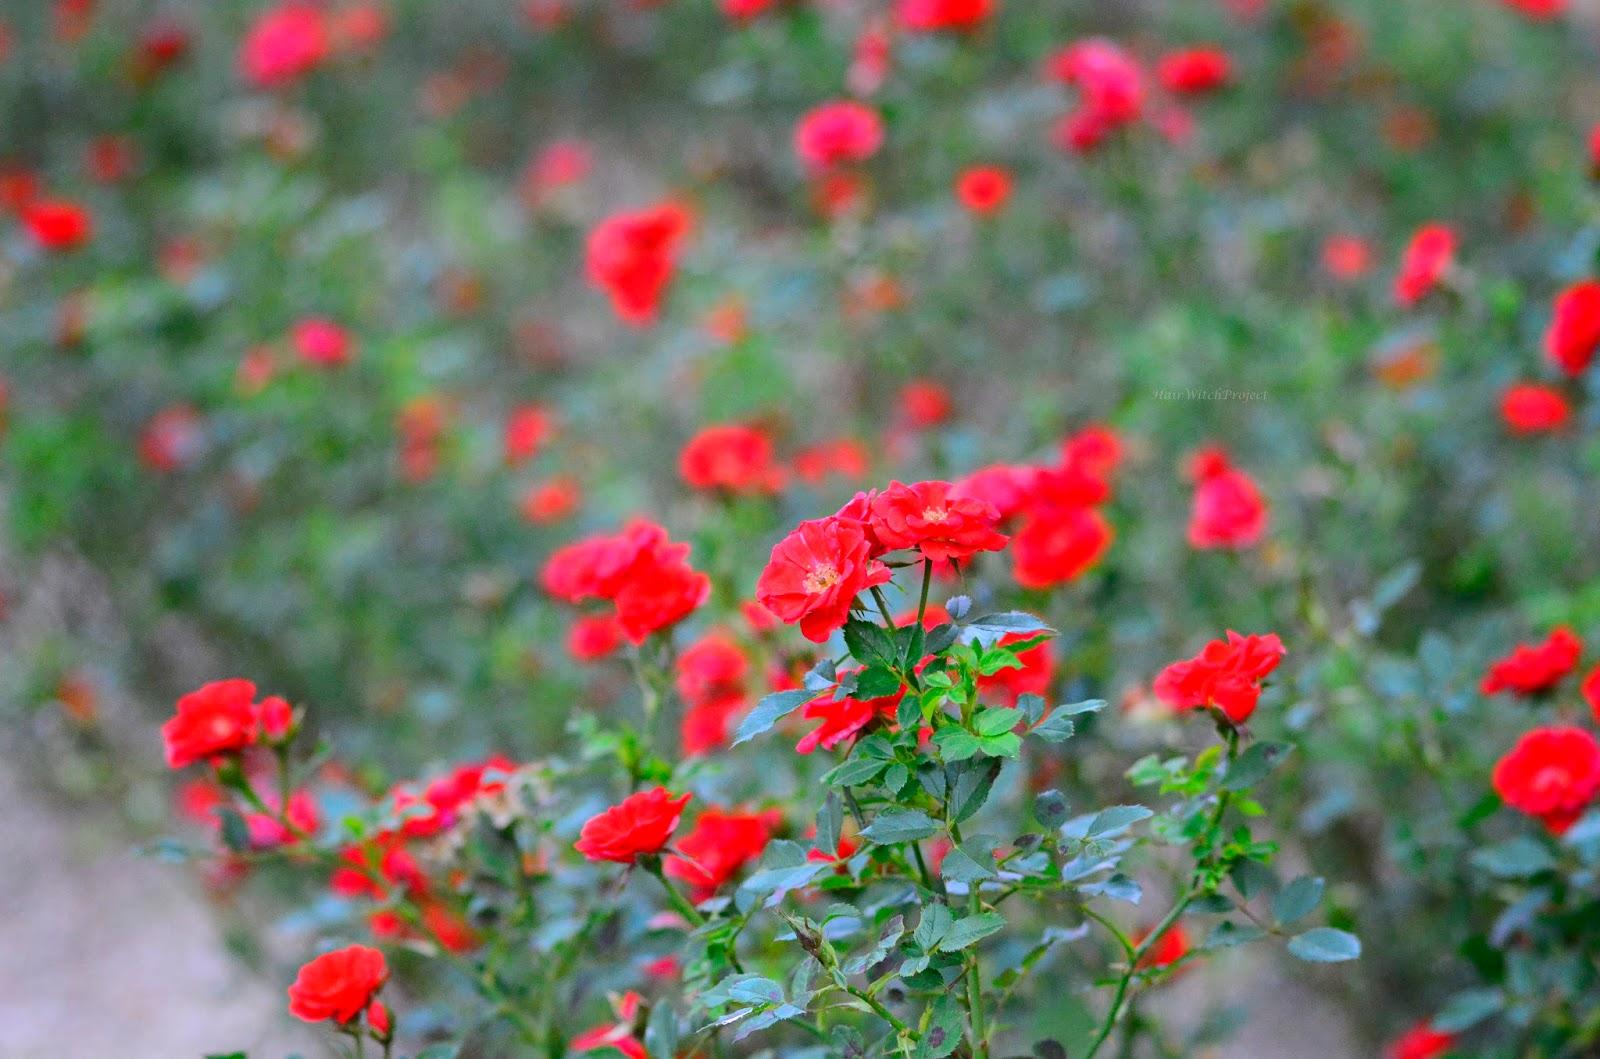 jesień | kwiaty | czerwień | zieleń | krajobraz | natura